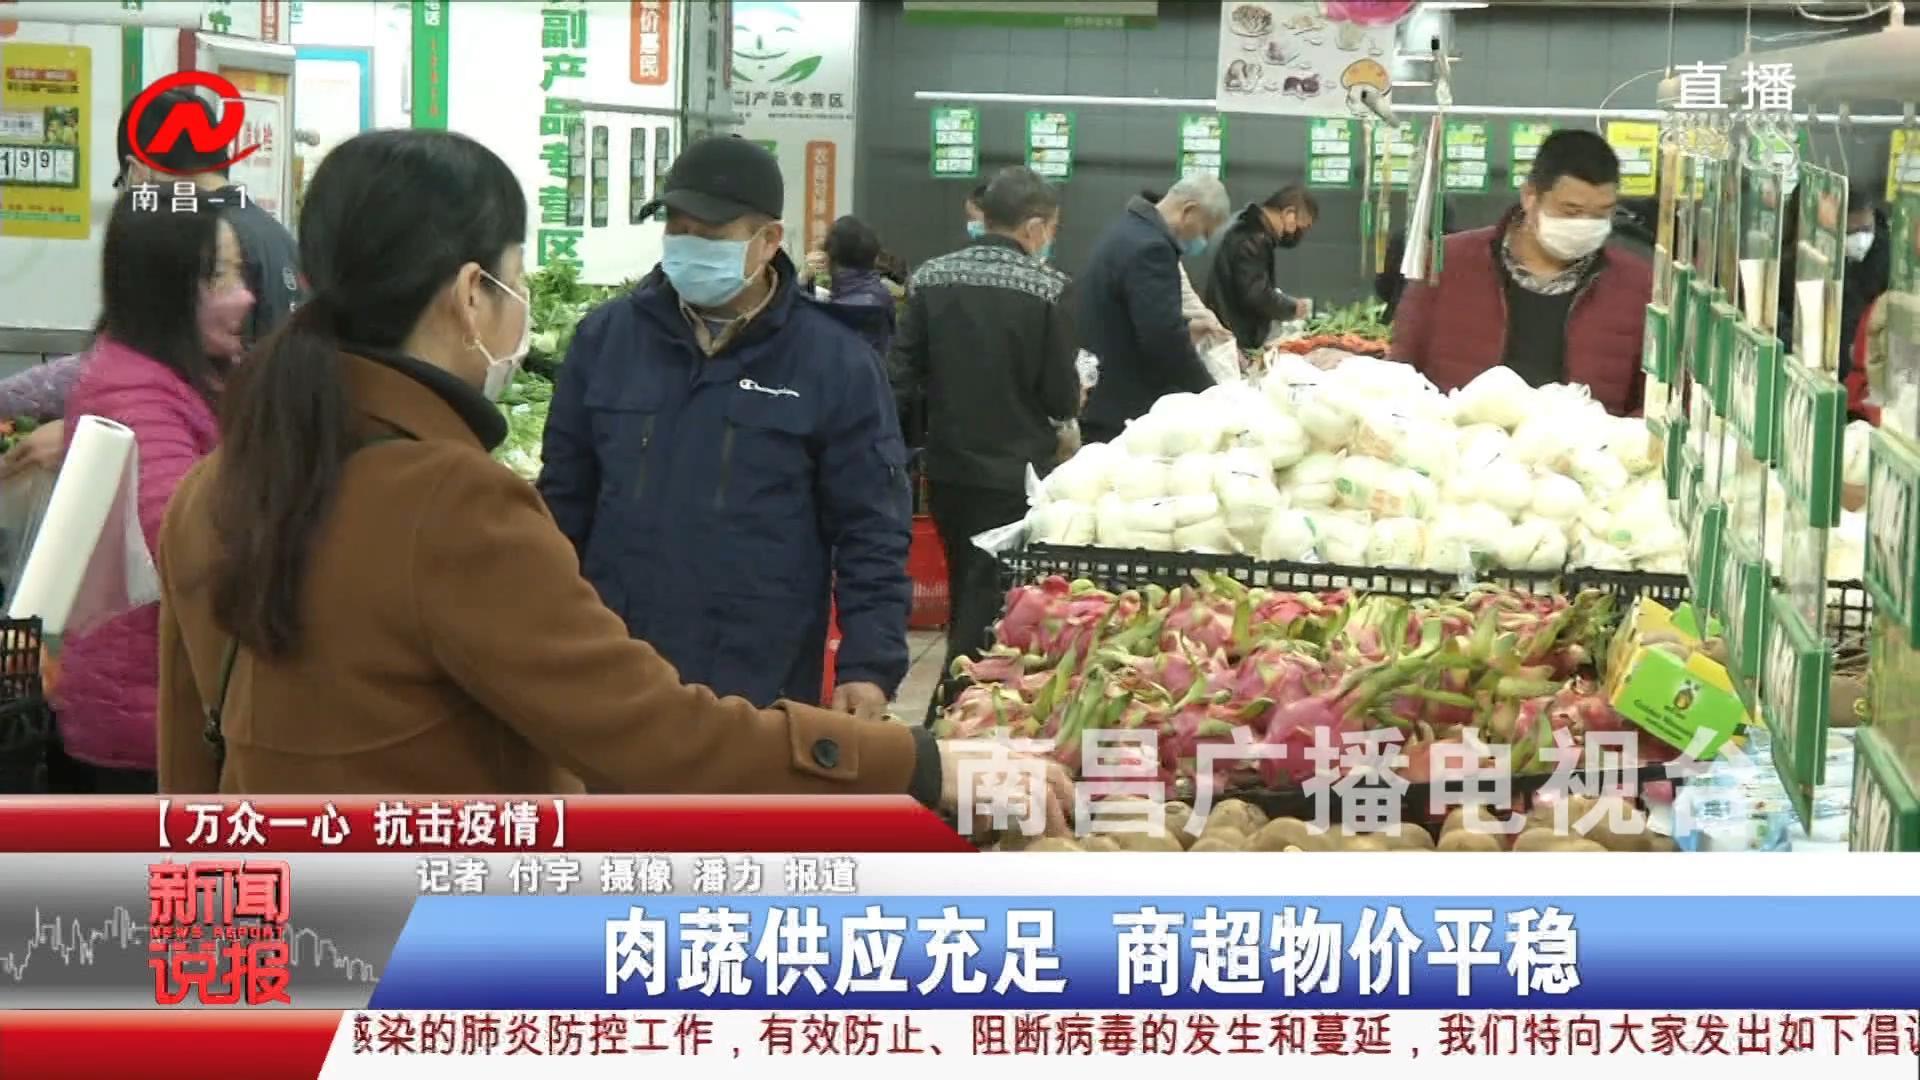 肉蔬供应充足 商超物价平稳